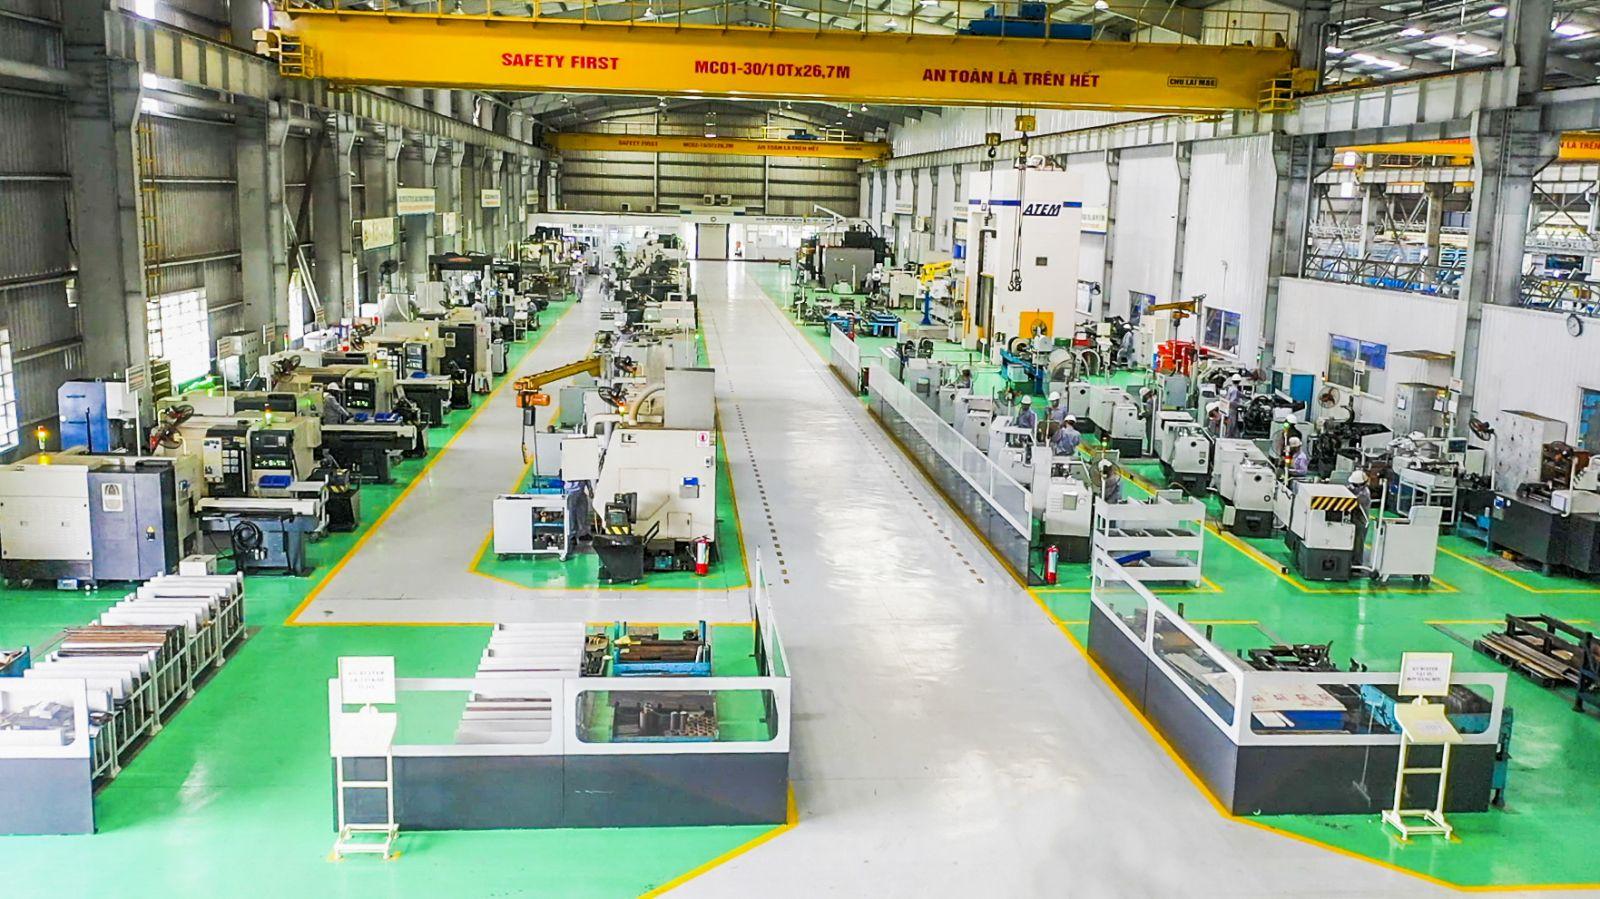 Tổ hợp cơ khí THACO Chu Lai phát triển chế tạo khuôn mẫu